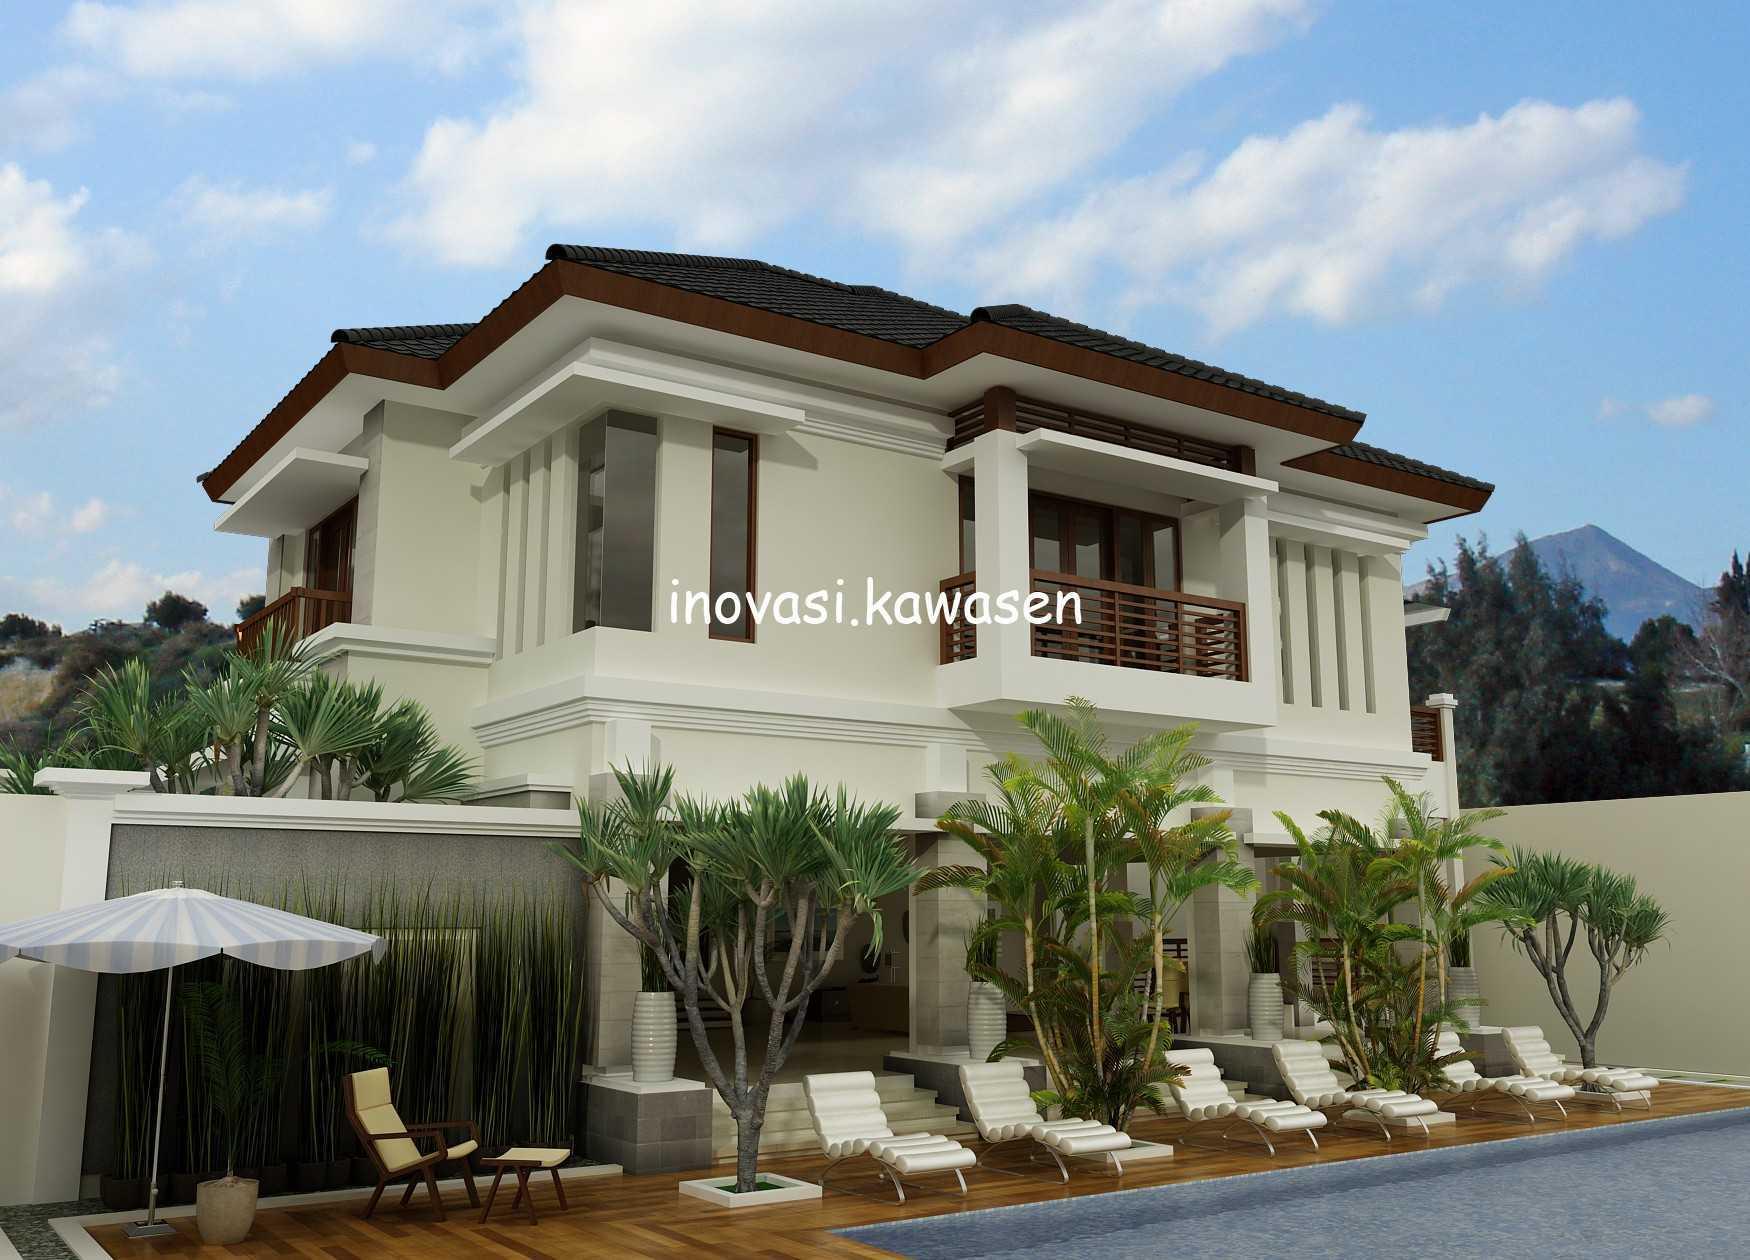 Inovasi Kawasen Desain Villa Bpk. Vadara Bogor, Jawa Barat, Indonesia Bogor, Jawa Barat, Indonesia Inovasikawasen-Desain-Villa-Bpk-Vadara  89443